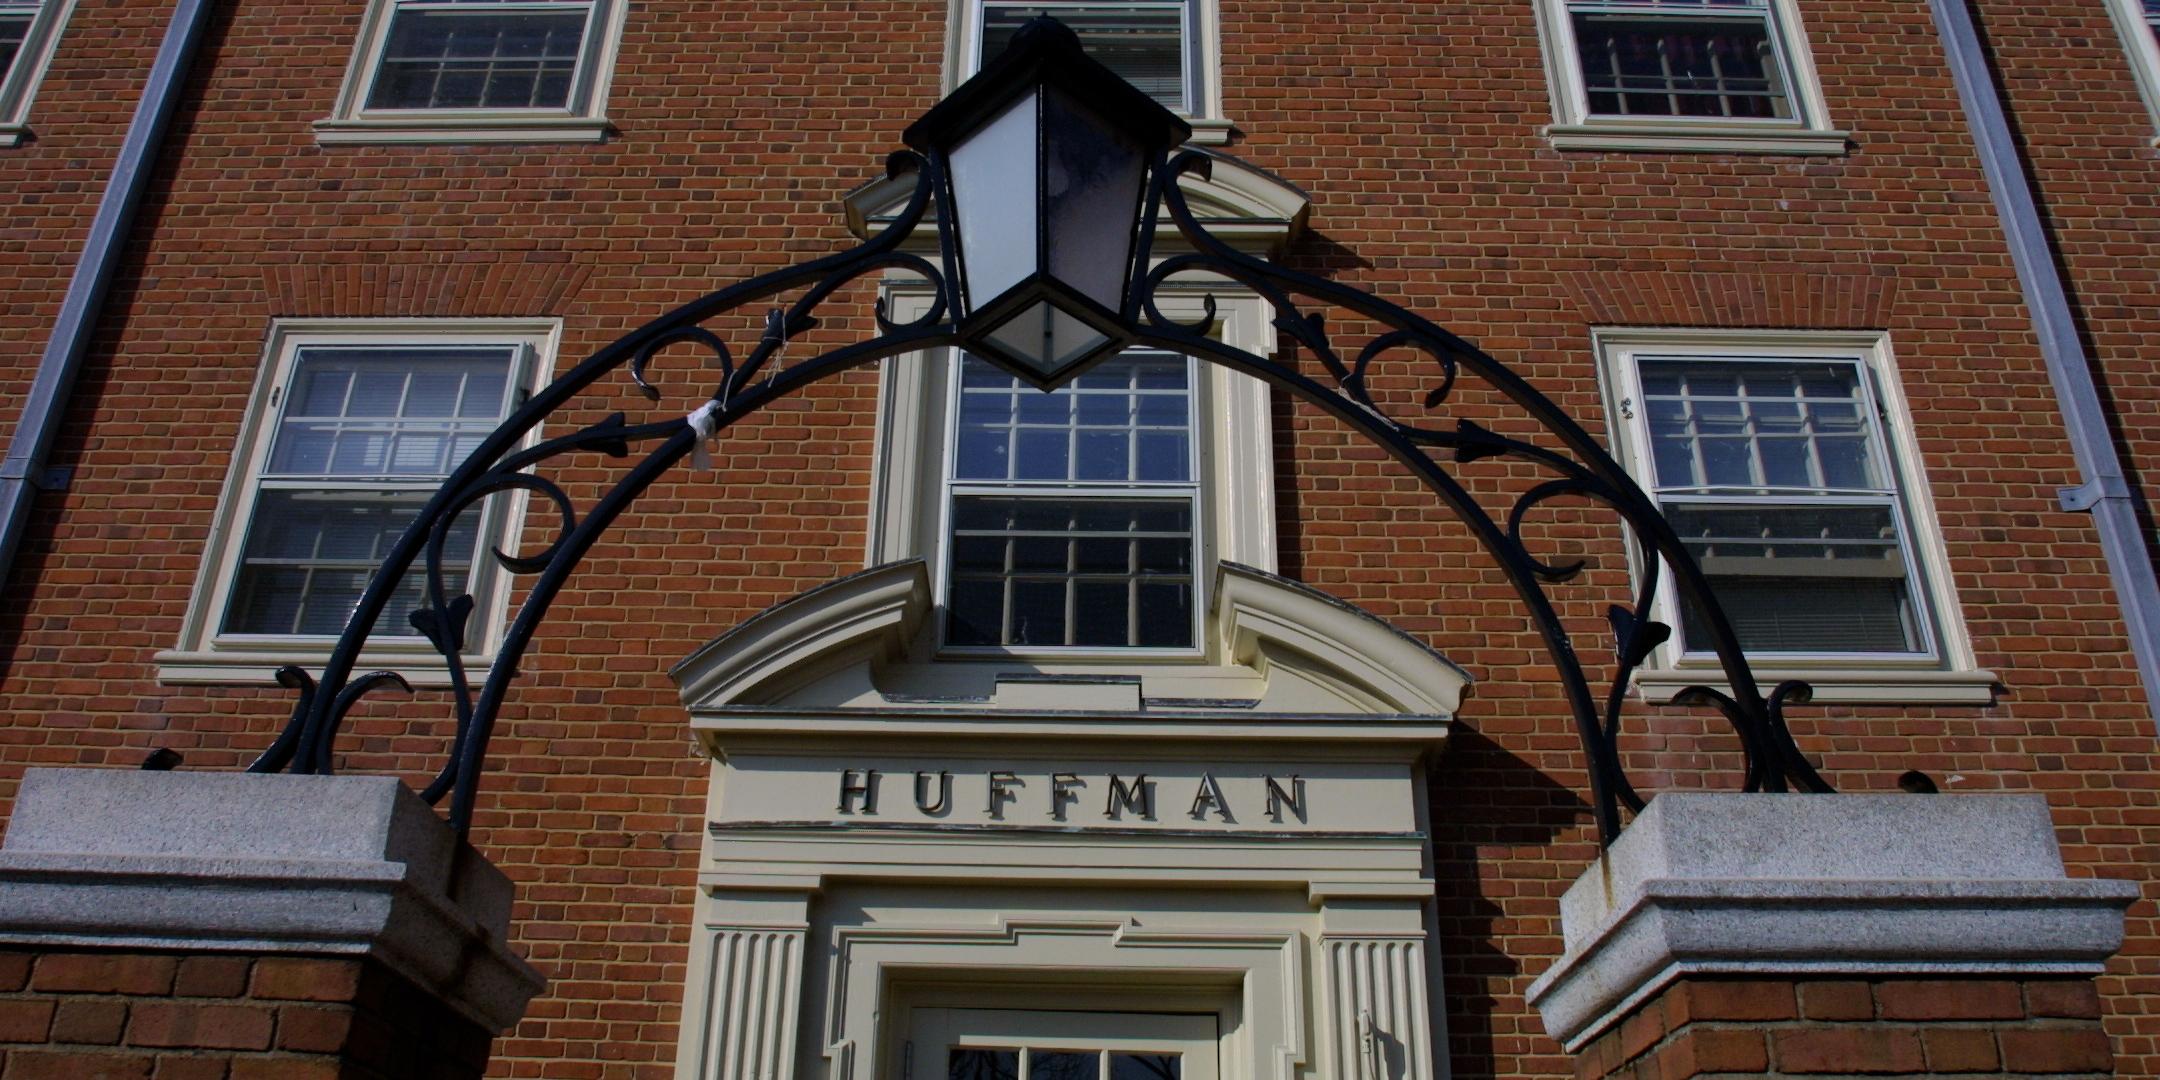 Huffman residence hall main entraince